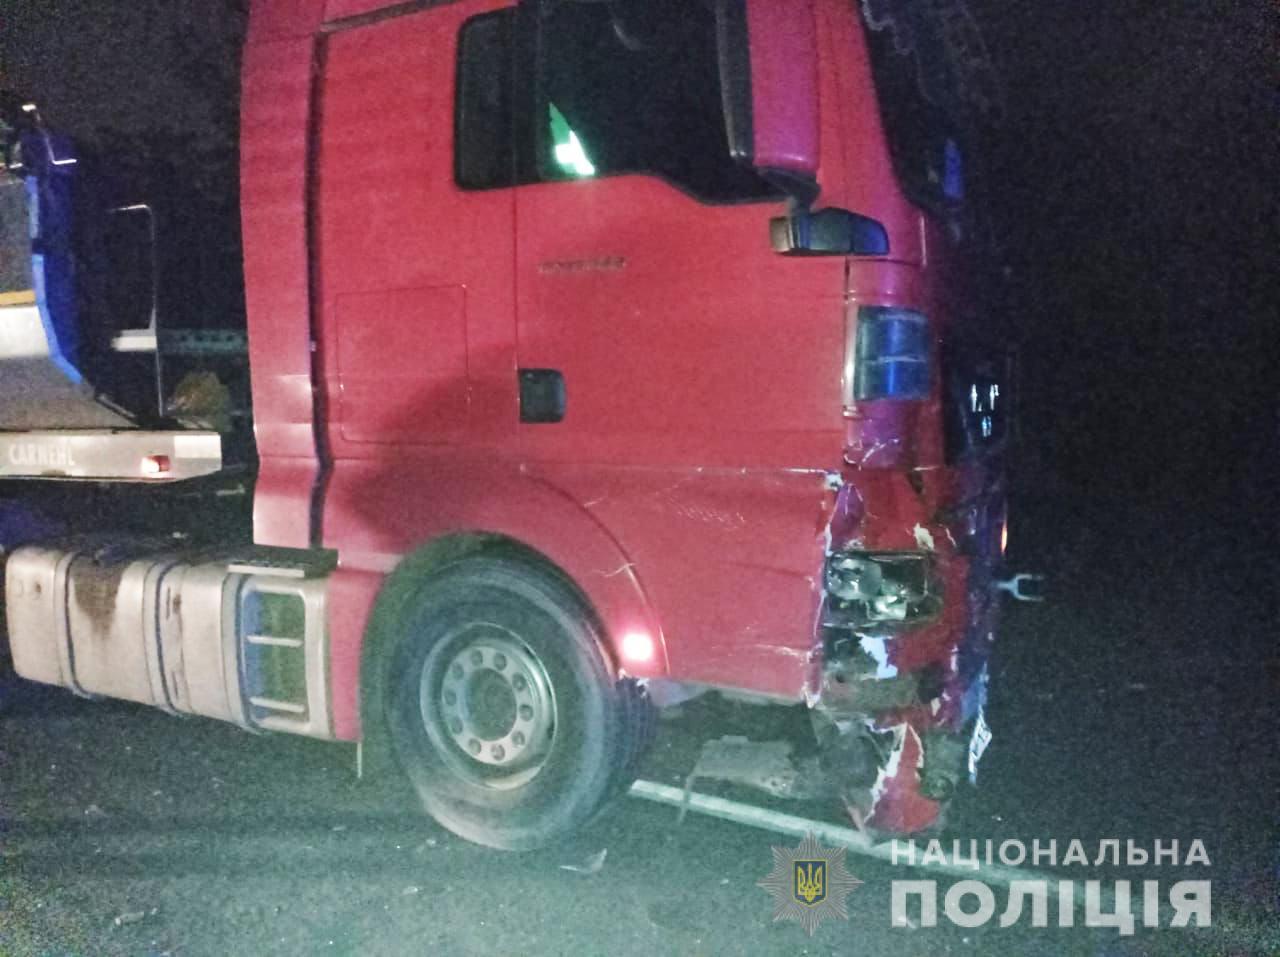 Смертельная авария возле Коблево. Полиция ищет свидетелей (ФОТО) 5